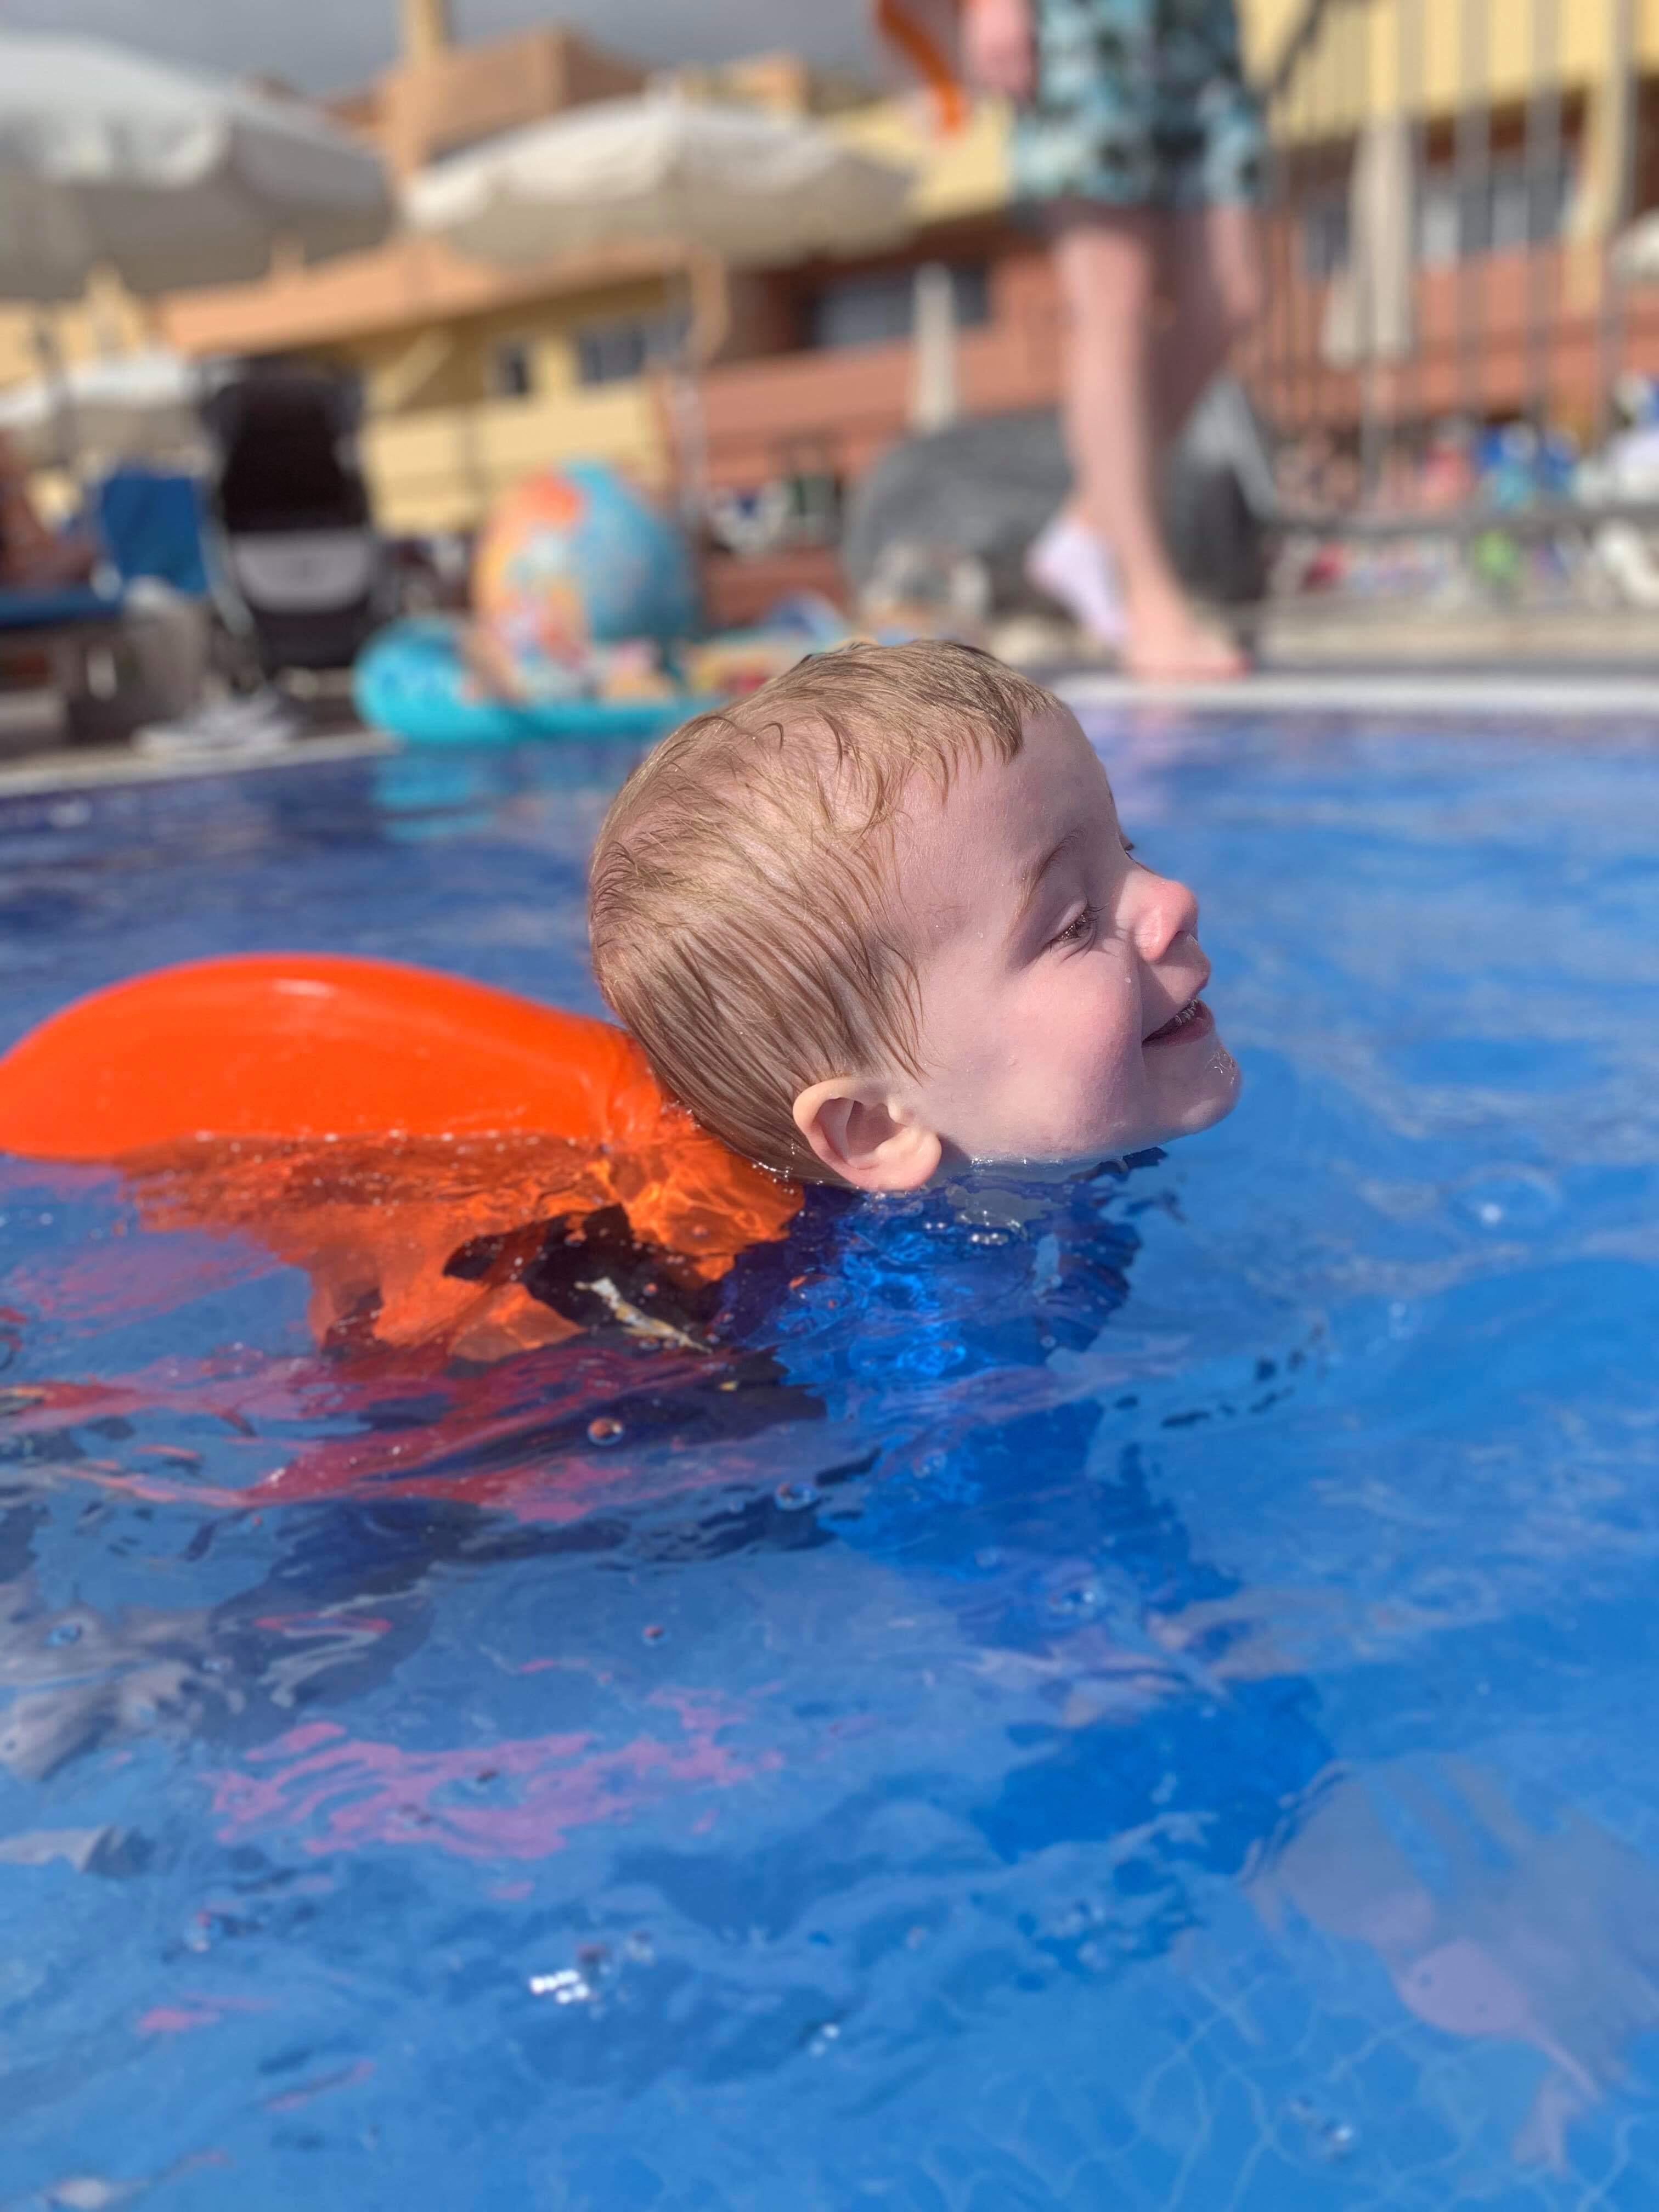 Swim Fins & Why We Love Them (Baby Shark Do Do Do Do Do)